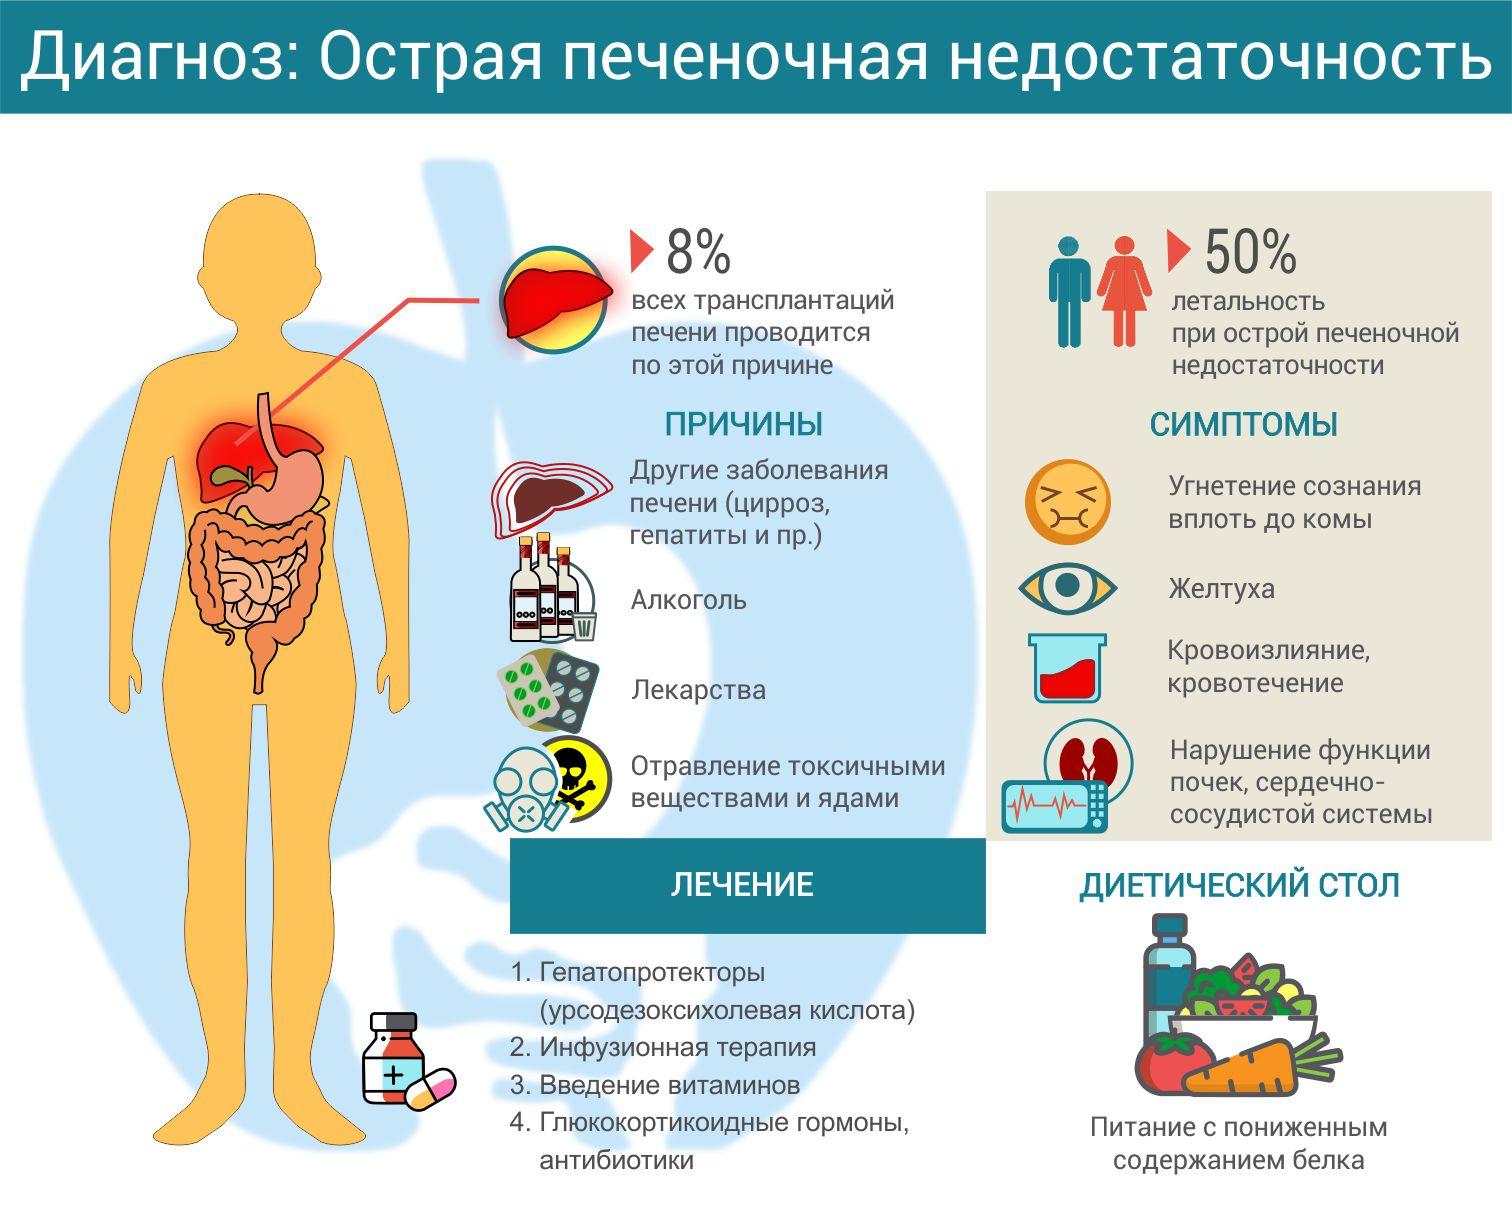 Острая и хроническая печеночная недостаточность: причины, симптомы, лечение